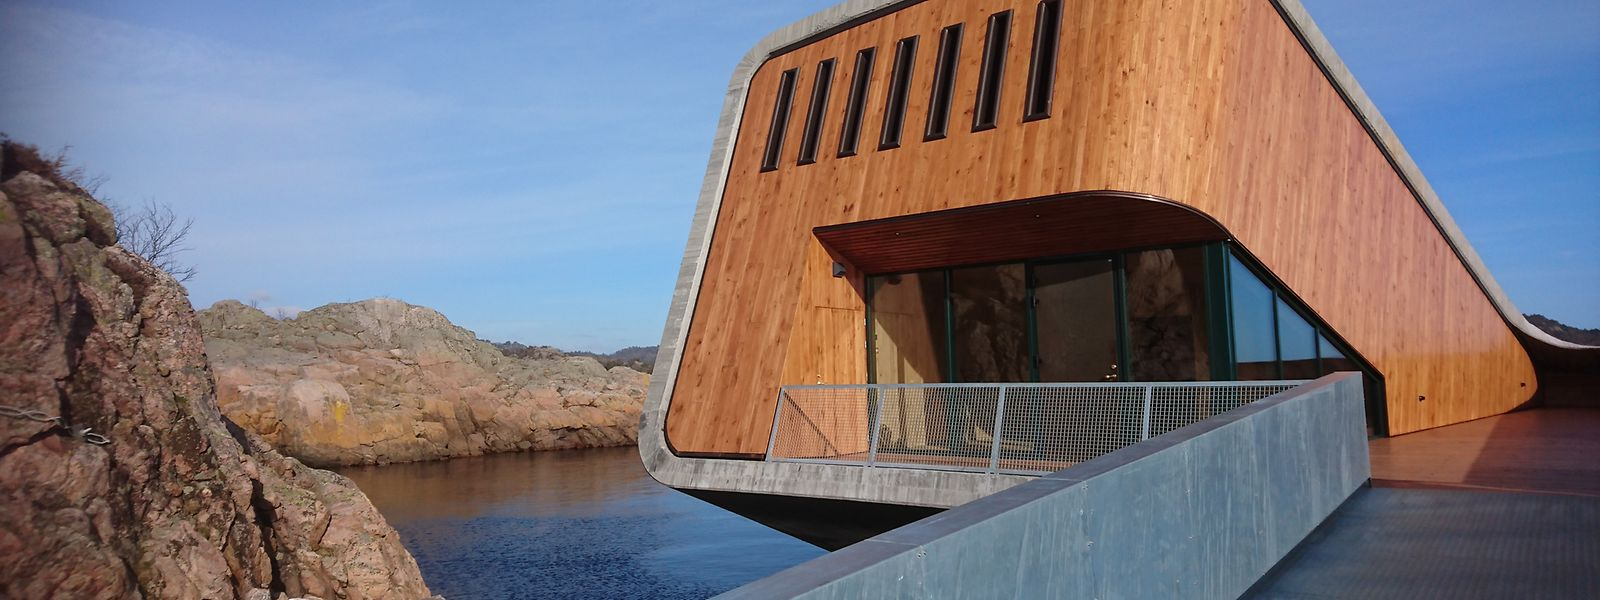 """Futuristisch und halb versenkt steht das neue Restaurant """"Under"""" im Meer – von den Tischen aus können die Gäste das Leben unter Wasser beobachten."""